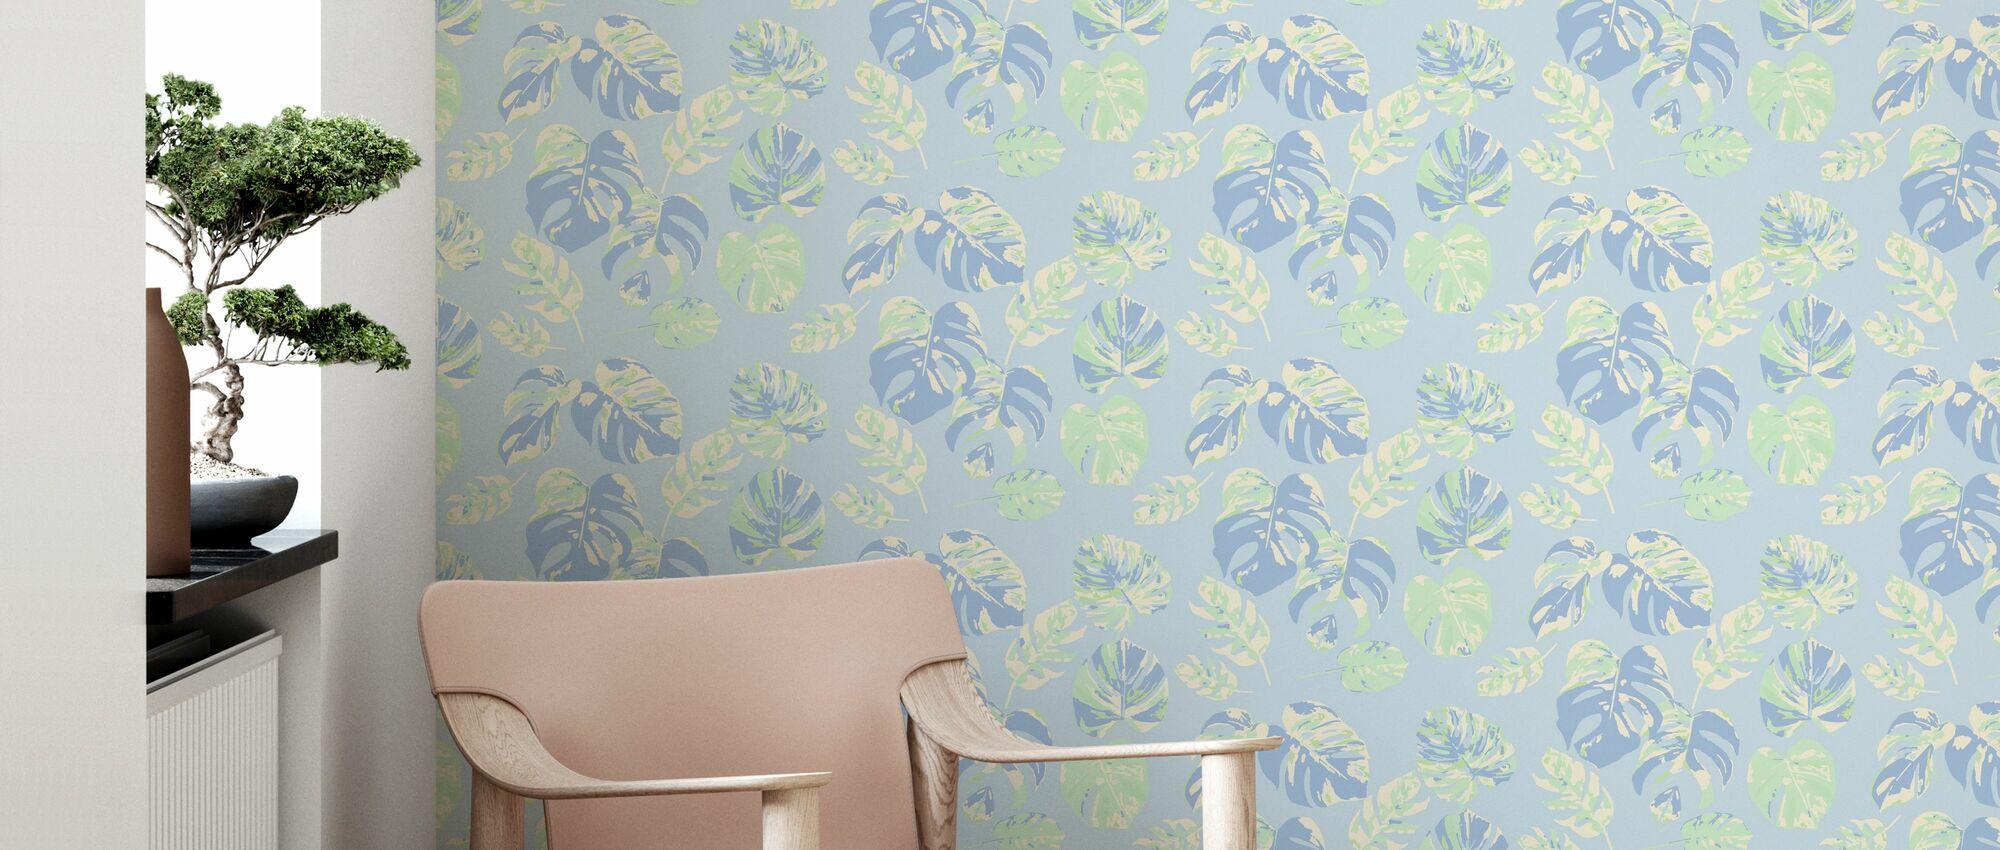 Monstera no 1 - Wallpaper - Living Room